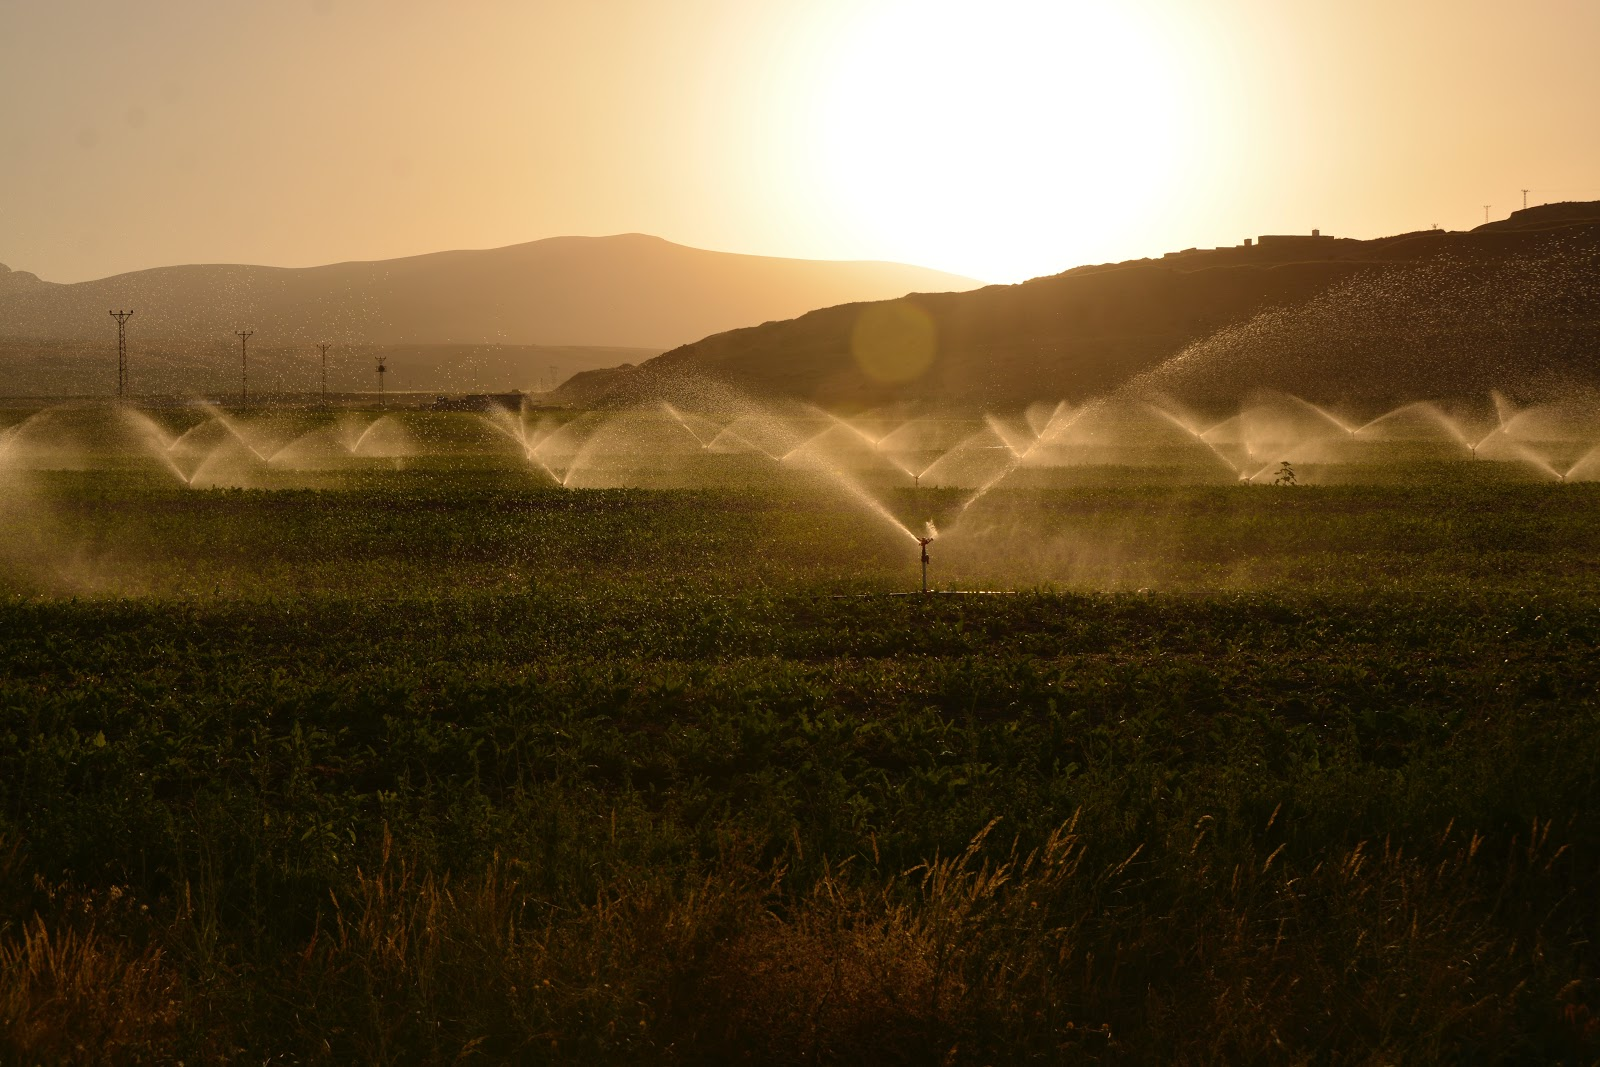 Irrigação é o ato de regar a plantação com água. (Fonte: Pexels)